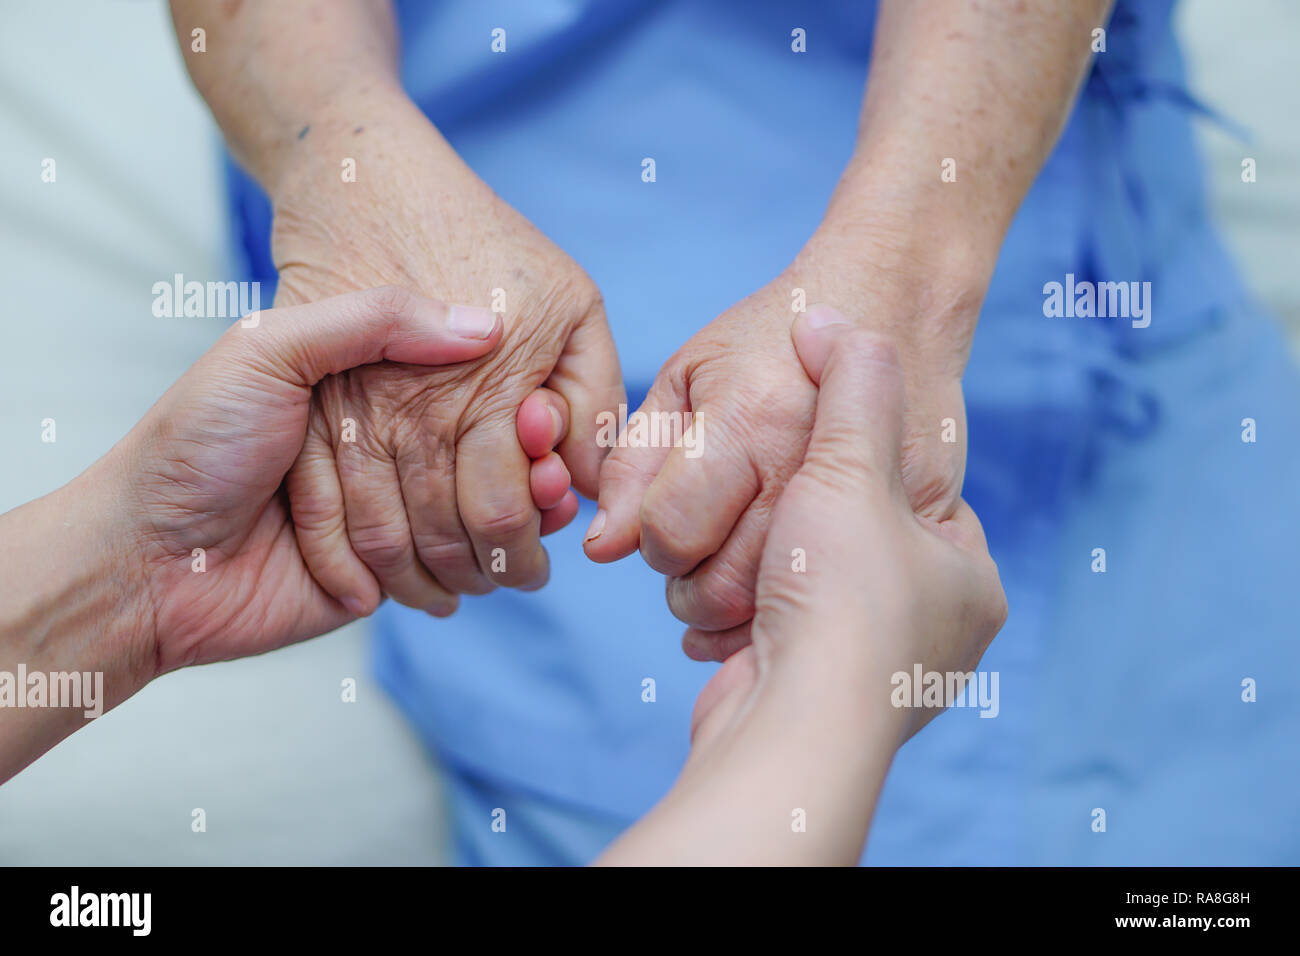 Azienda toccando le mani Asian senior o anziani old Lady Donna paziente con amore, cura, aiutando, incoraggiare e l'empatia presso ospedale infermieri Ward. Immagini Stock